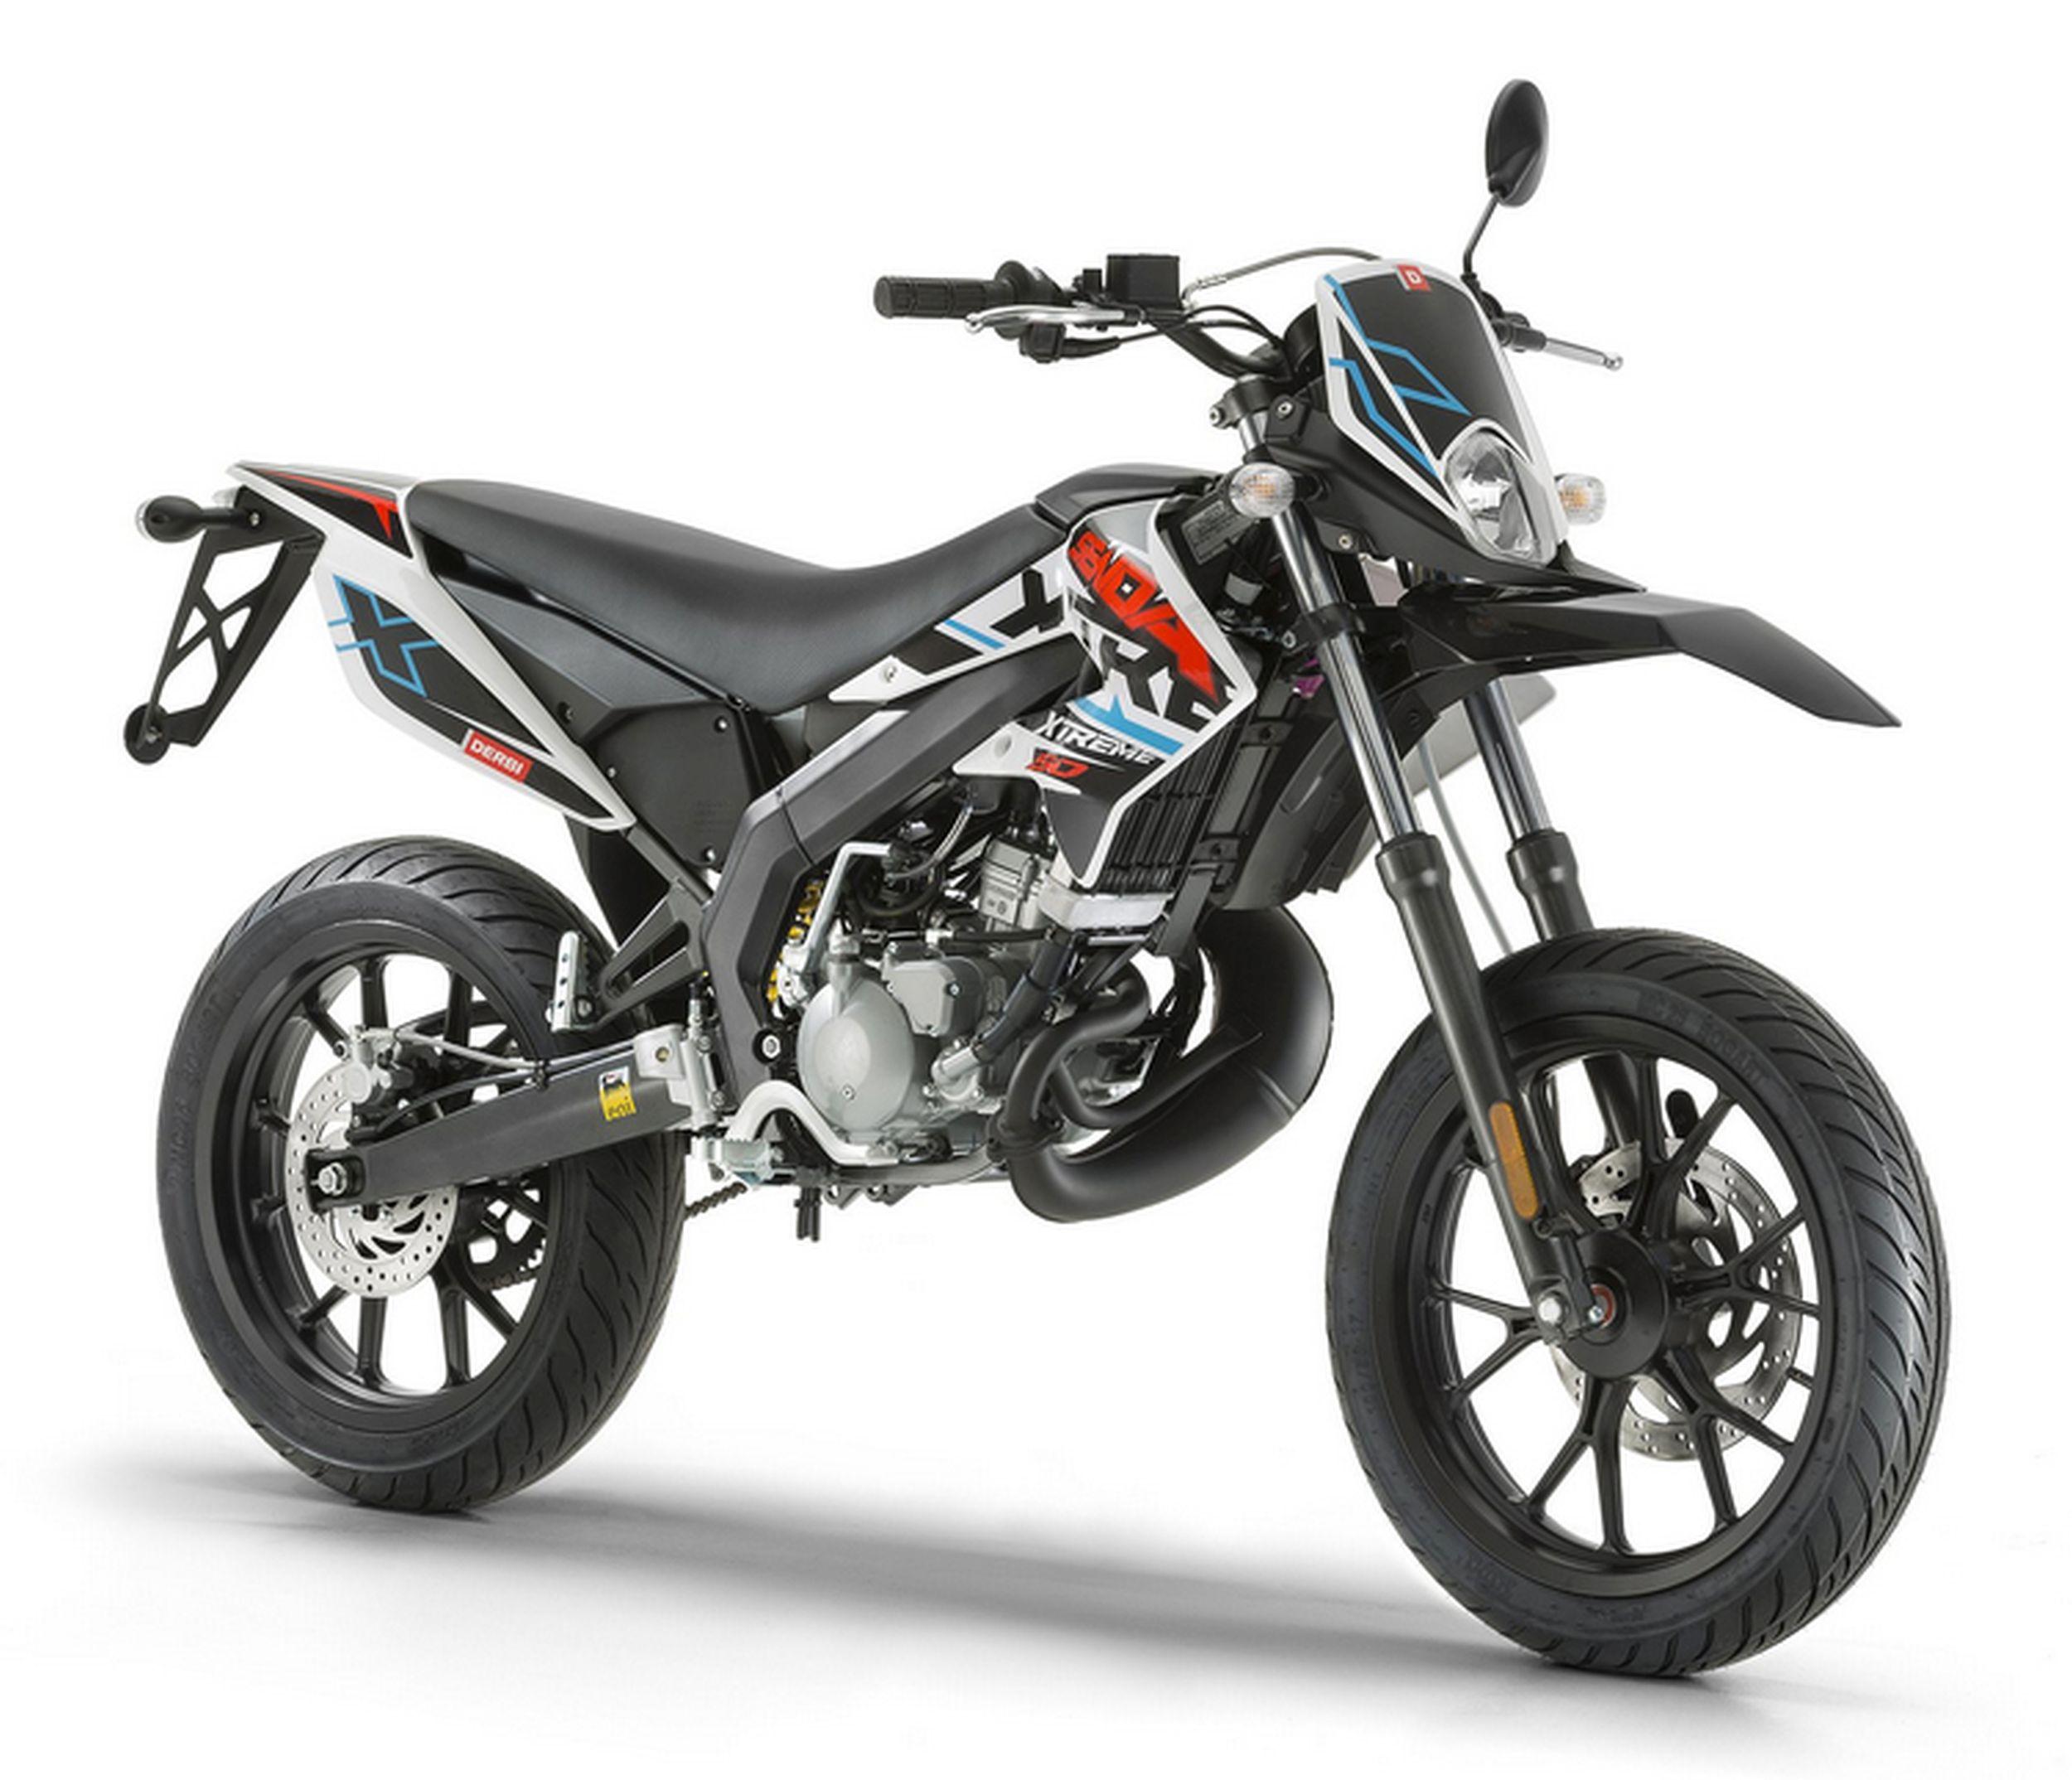 wie schnell fahrt ein 50ccm moped nur mit kupplung motorrad motor fahren. Black Bedroom Furniture Sets. Home Design Ideas